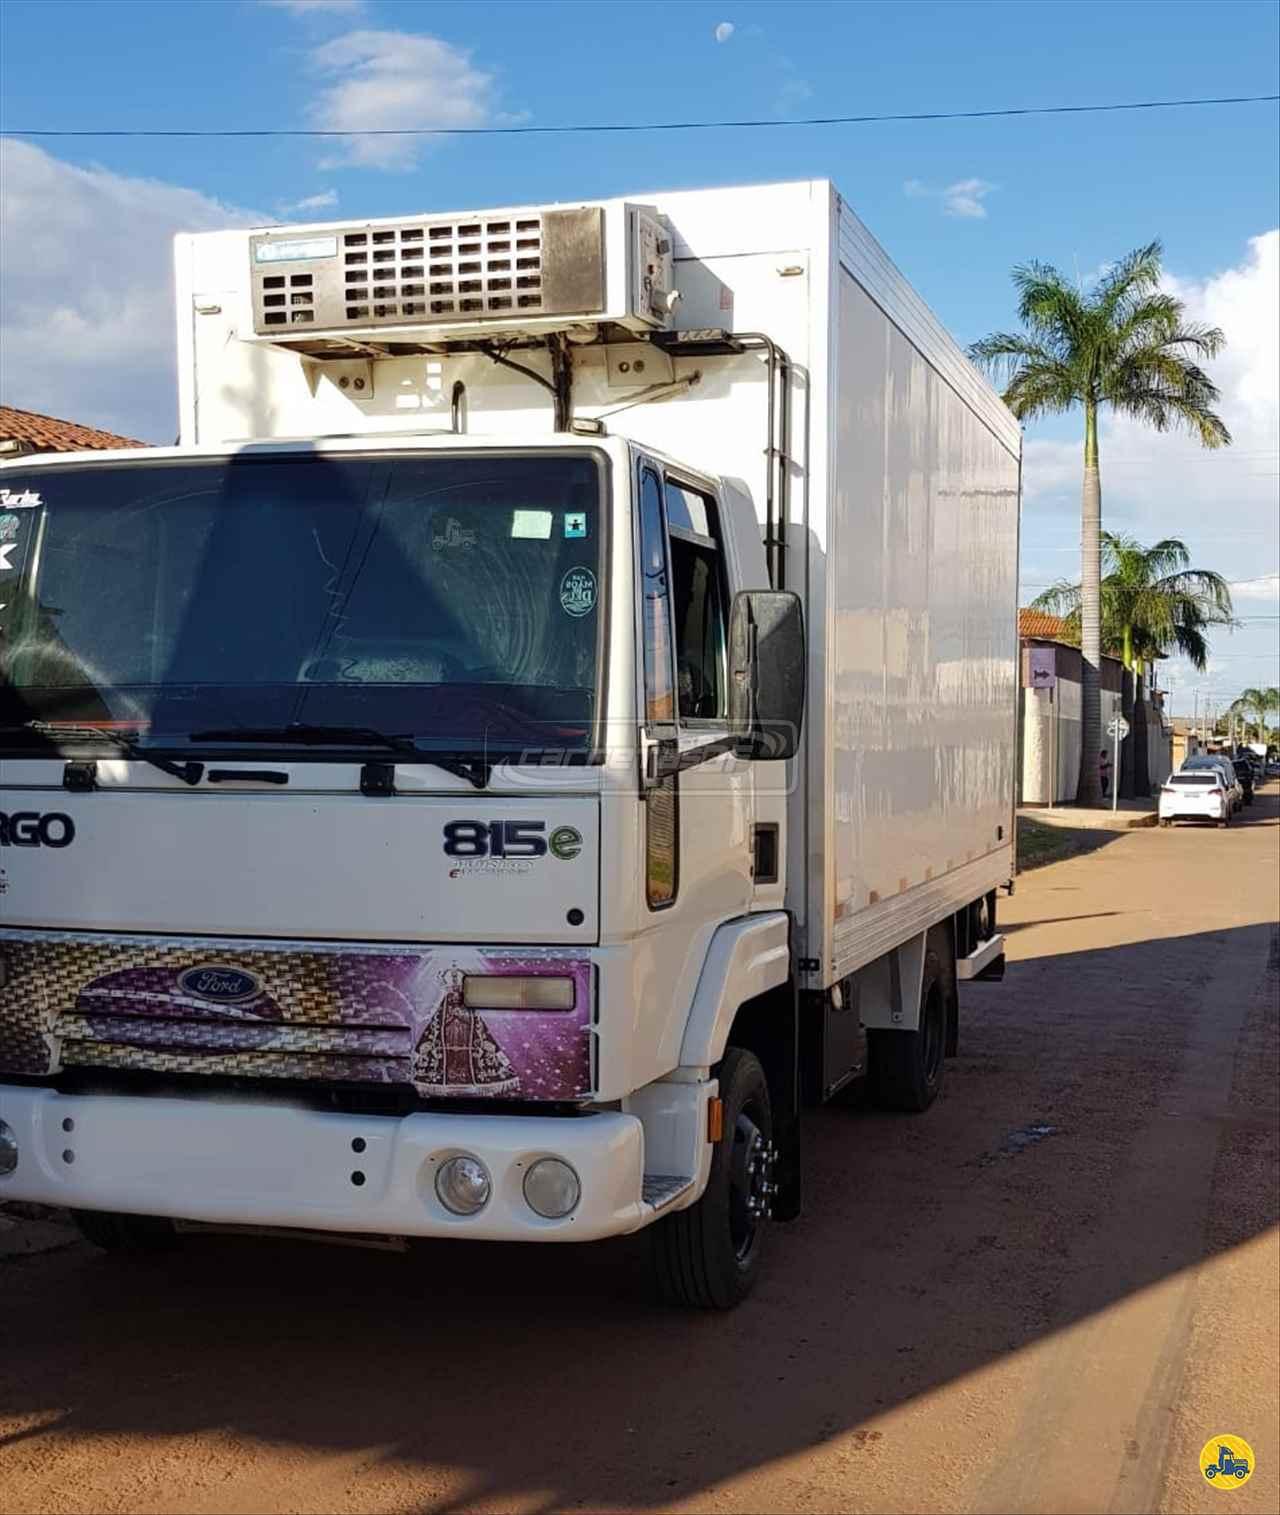 CAMINHAO FORD CARGO 815 Baú Frigorífico 3/4 4x2 CARRETAS DF - NOMA BRASILIA DISTRITO FEDERAL DF